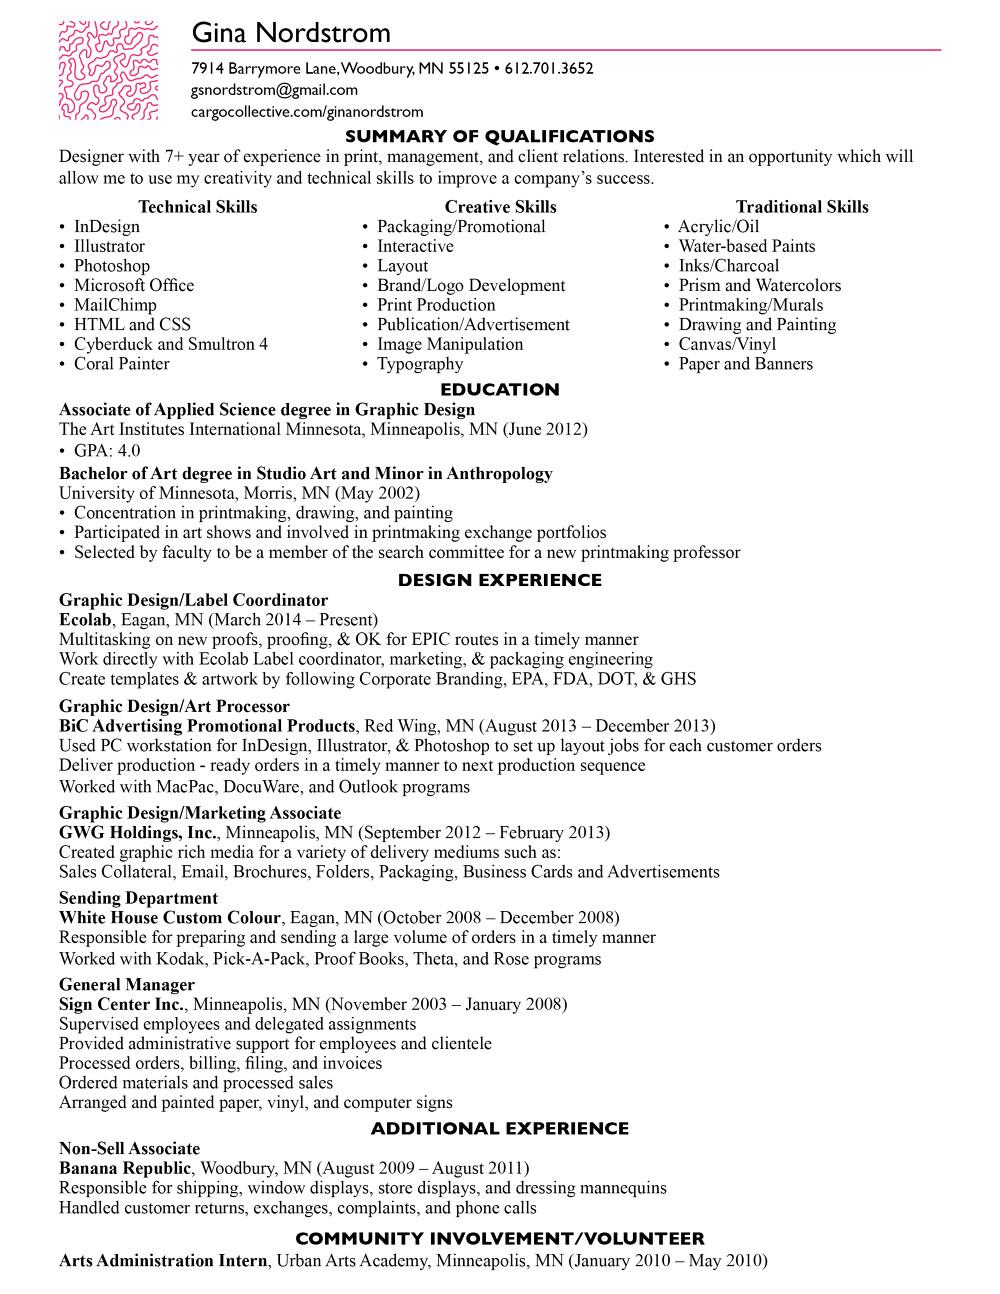 Resume - Gina Nordstrom